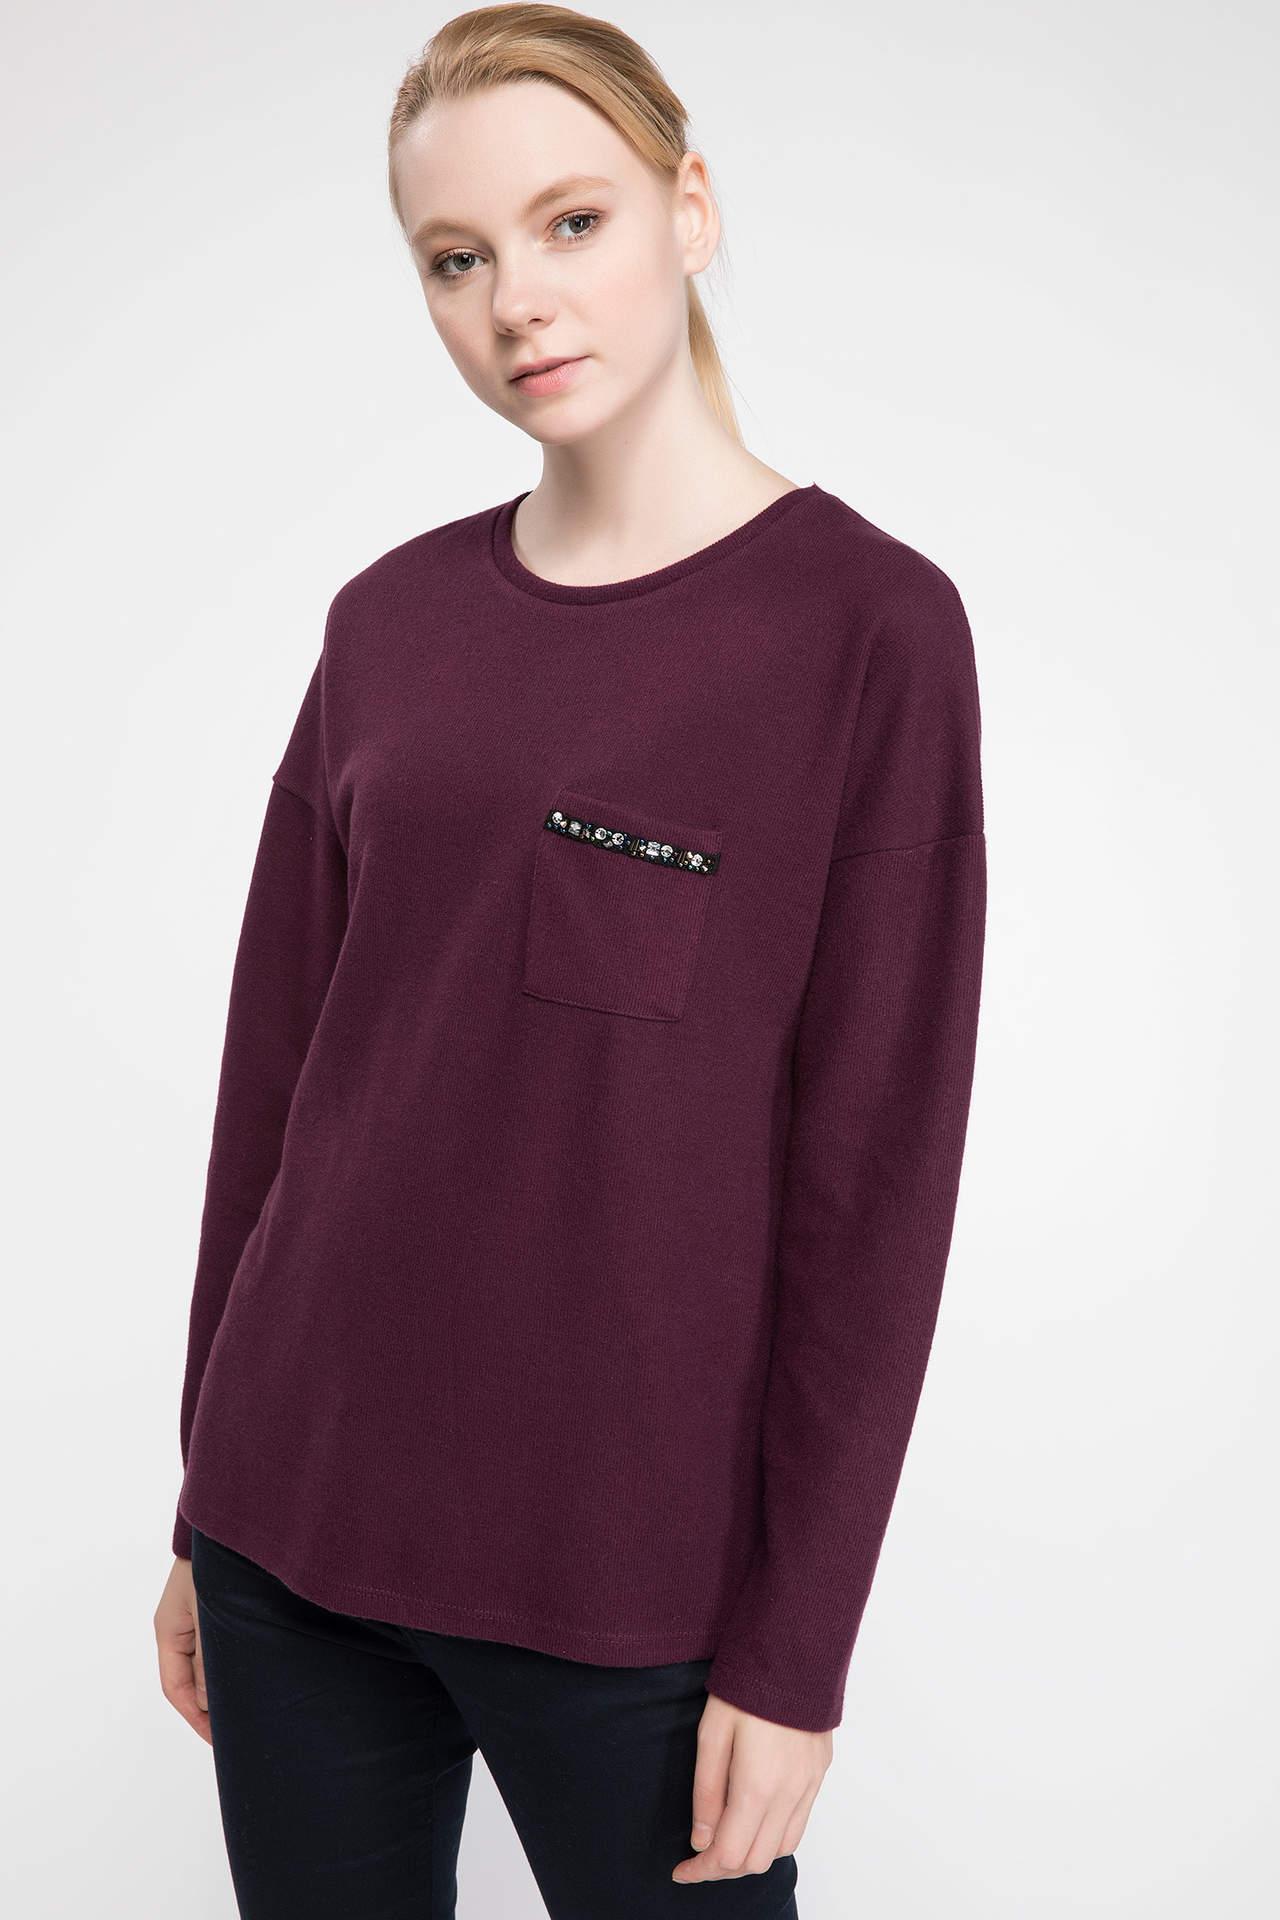 DeFacto Kadın Taş İşleme Detaylı Uzun Kollu T-shirt Mor female